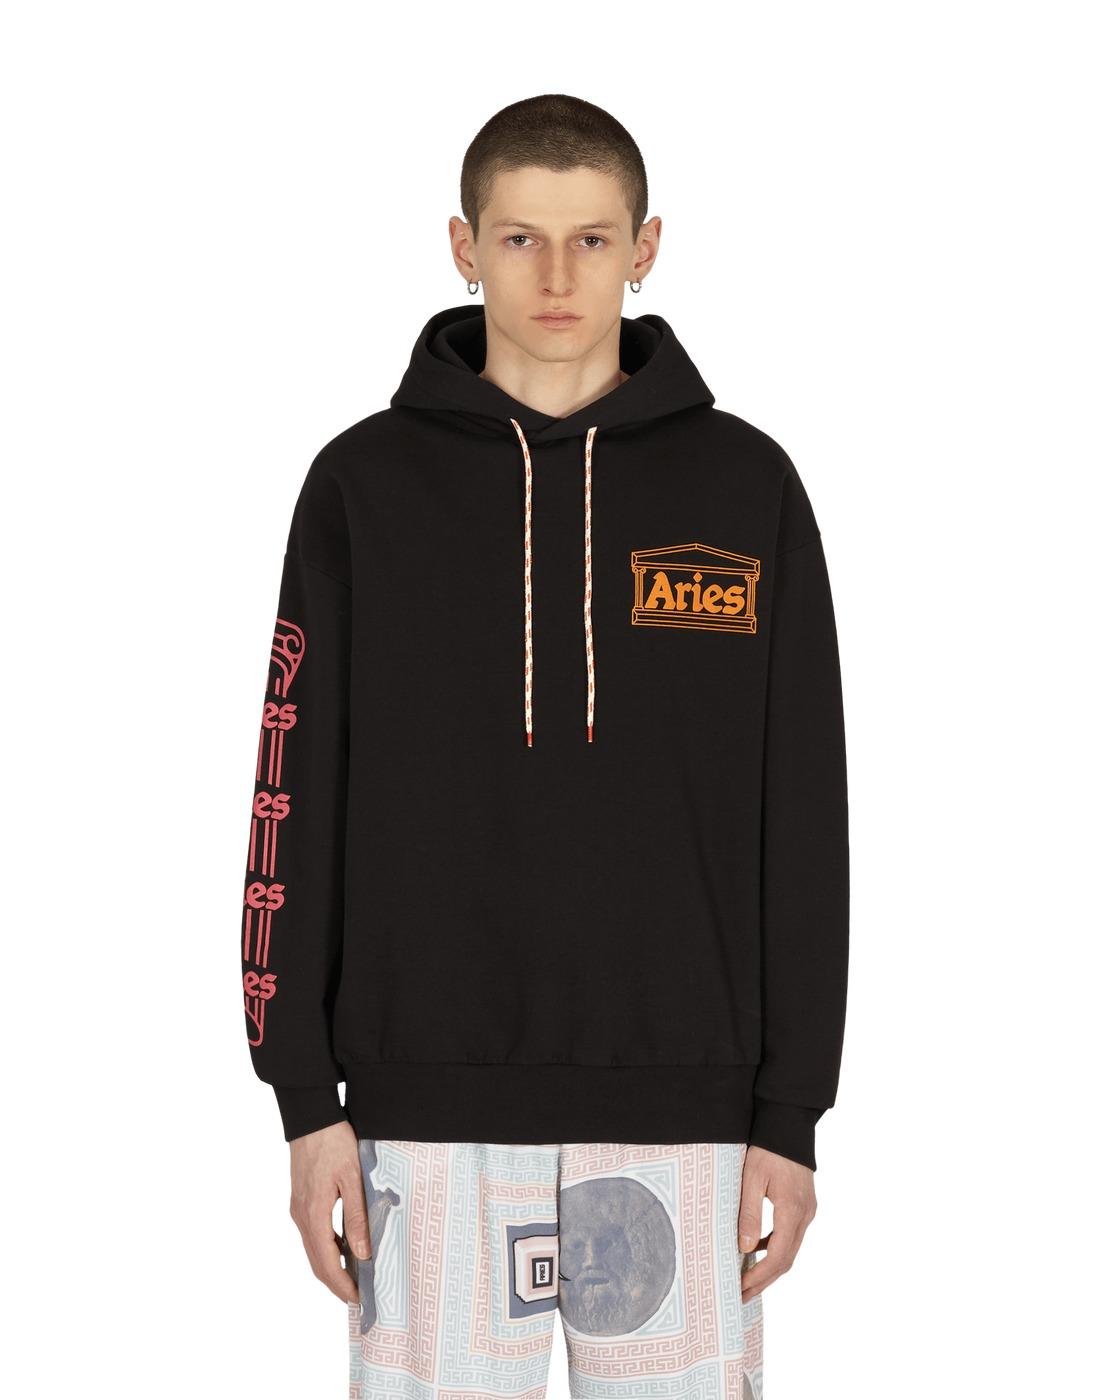 Aries Column Hooded Sweatshirt Black